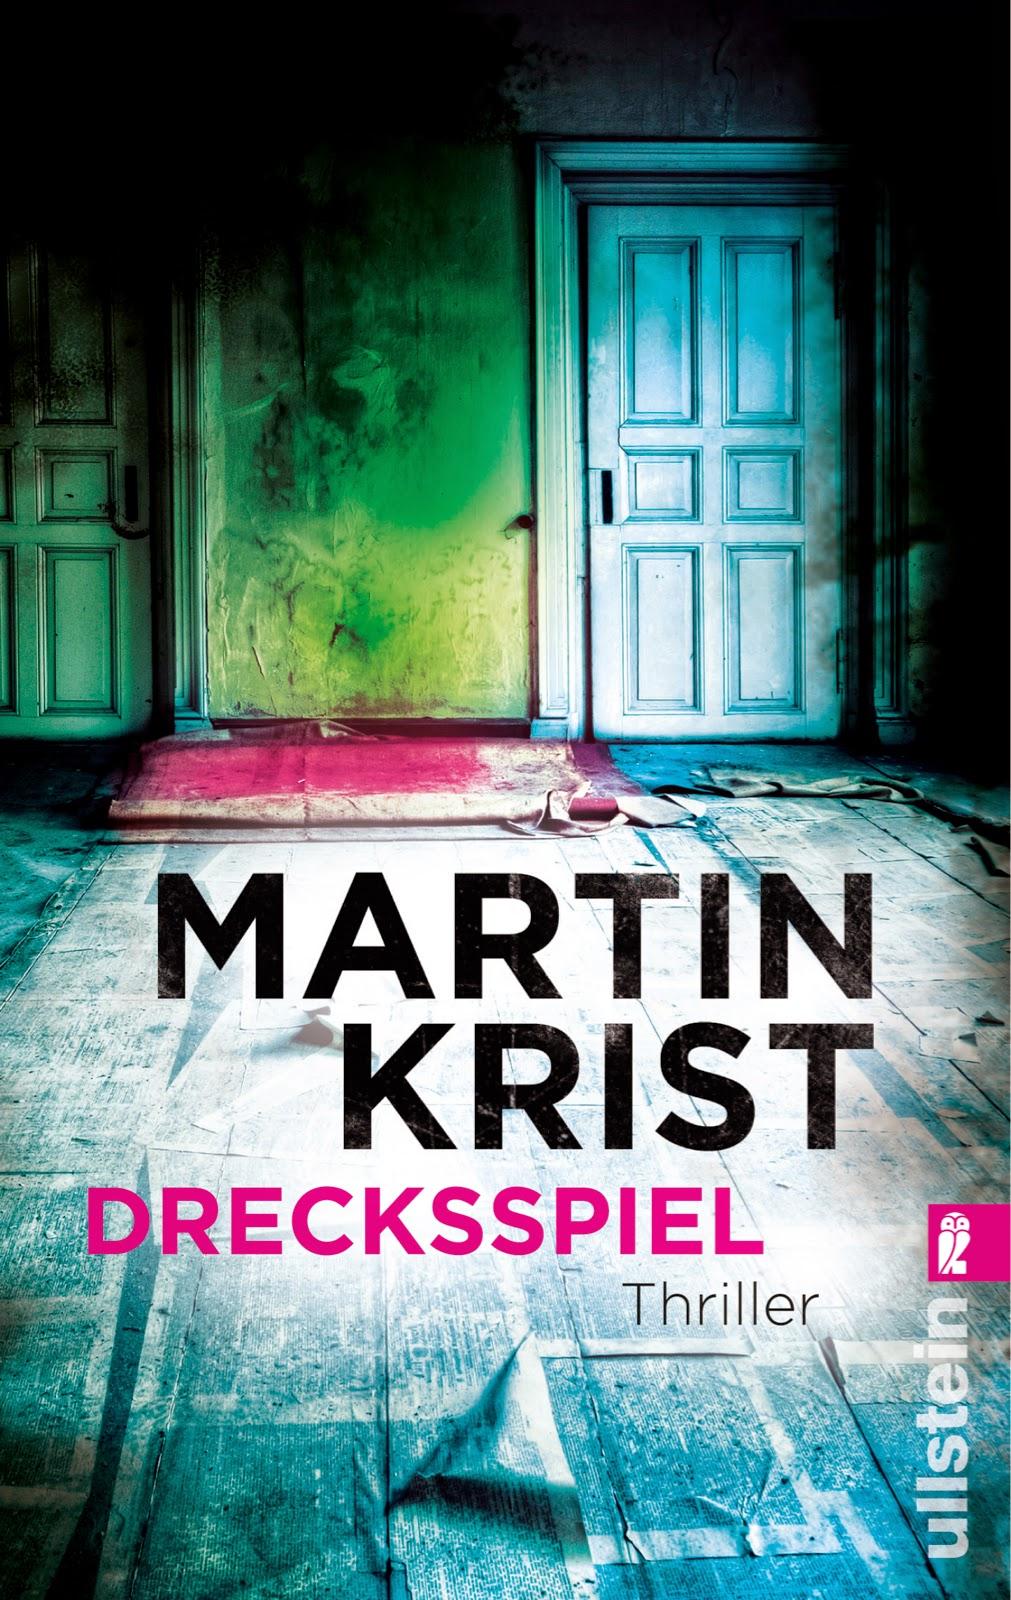 http://www.amazon.de/Drecksspiel-Thriller-Martin-Krist/dp/3548285376/ref=sr_1_1_bnp_1_pap?s=books&ie=UTF8&qid=1399921459&sr=1-1&keywords=drecksspiel